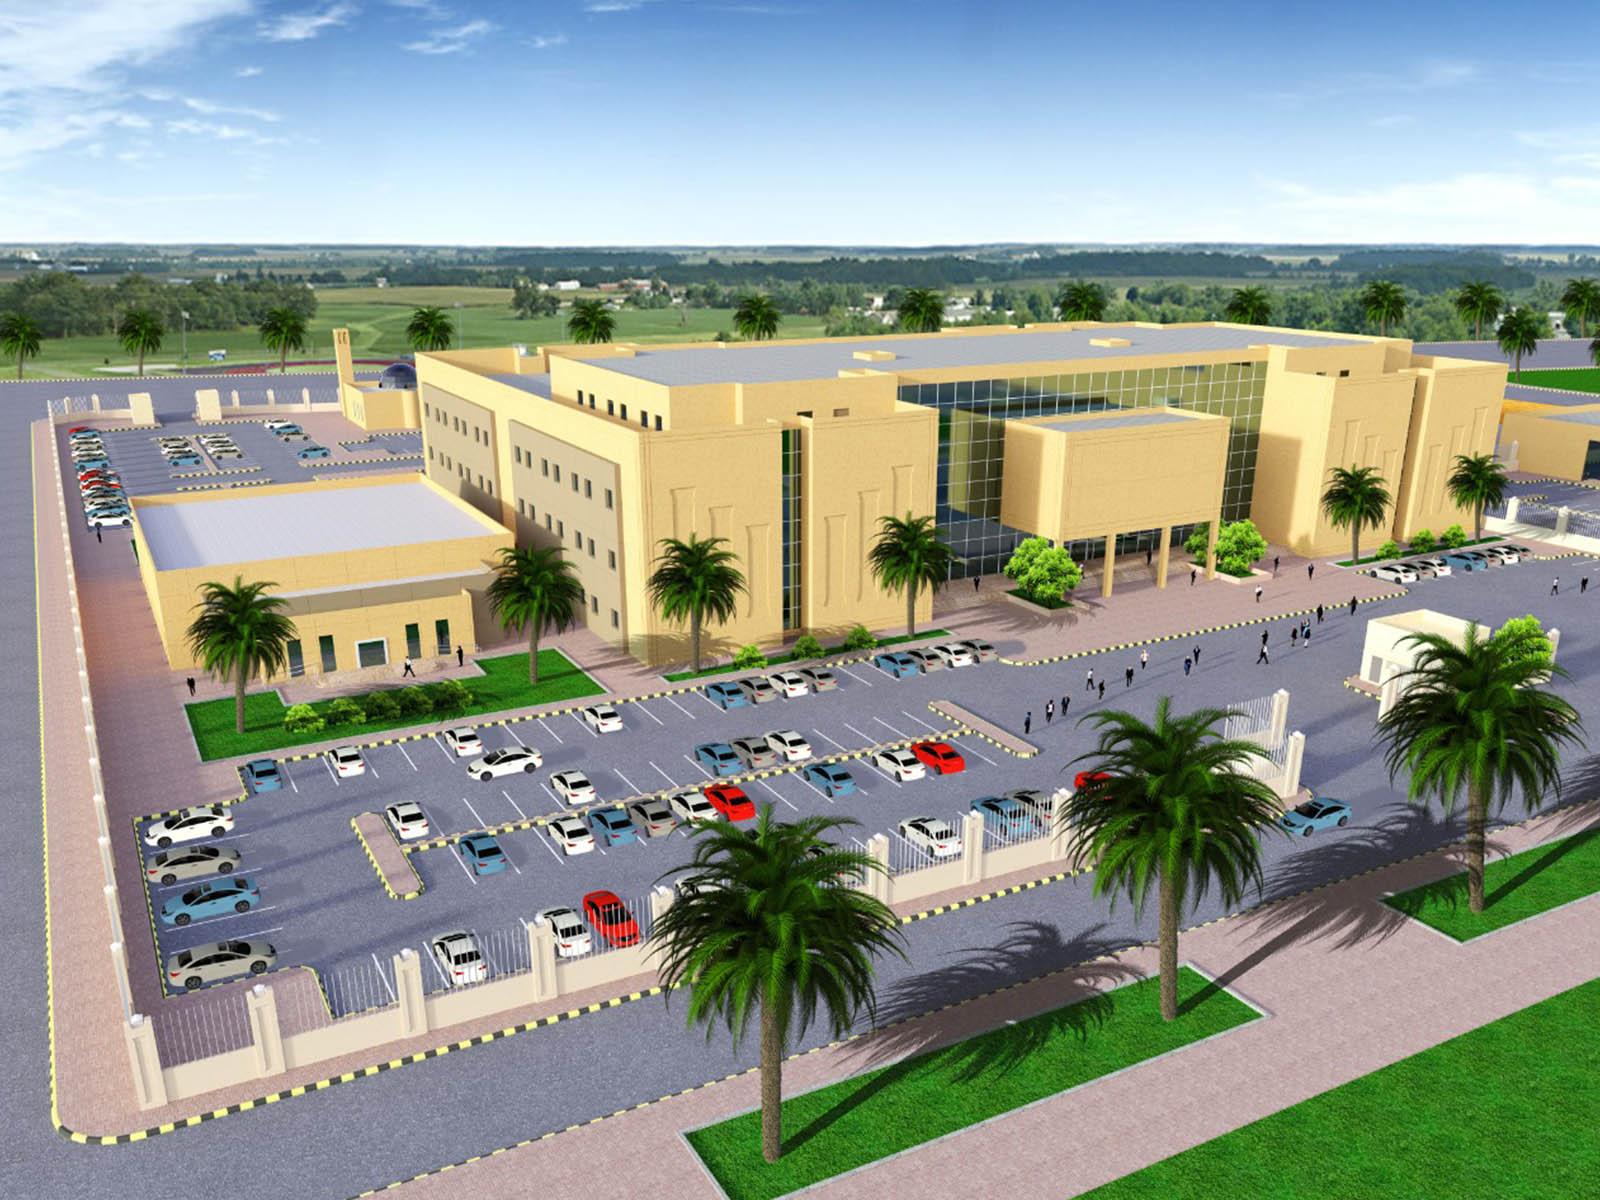 جامعة اليمامة الصورة الرئيسية